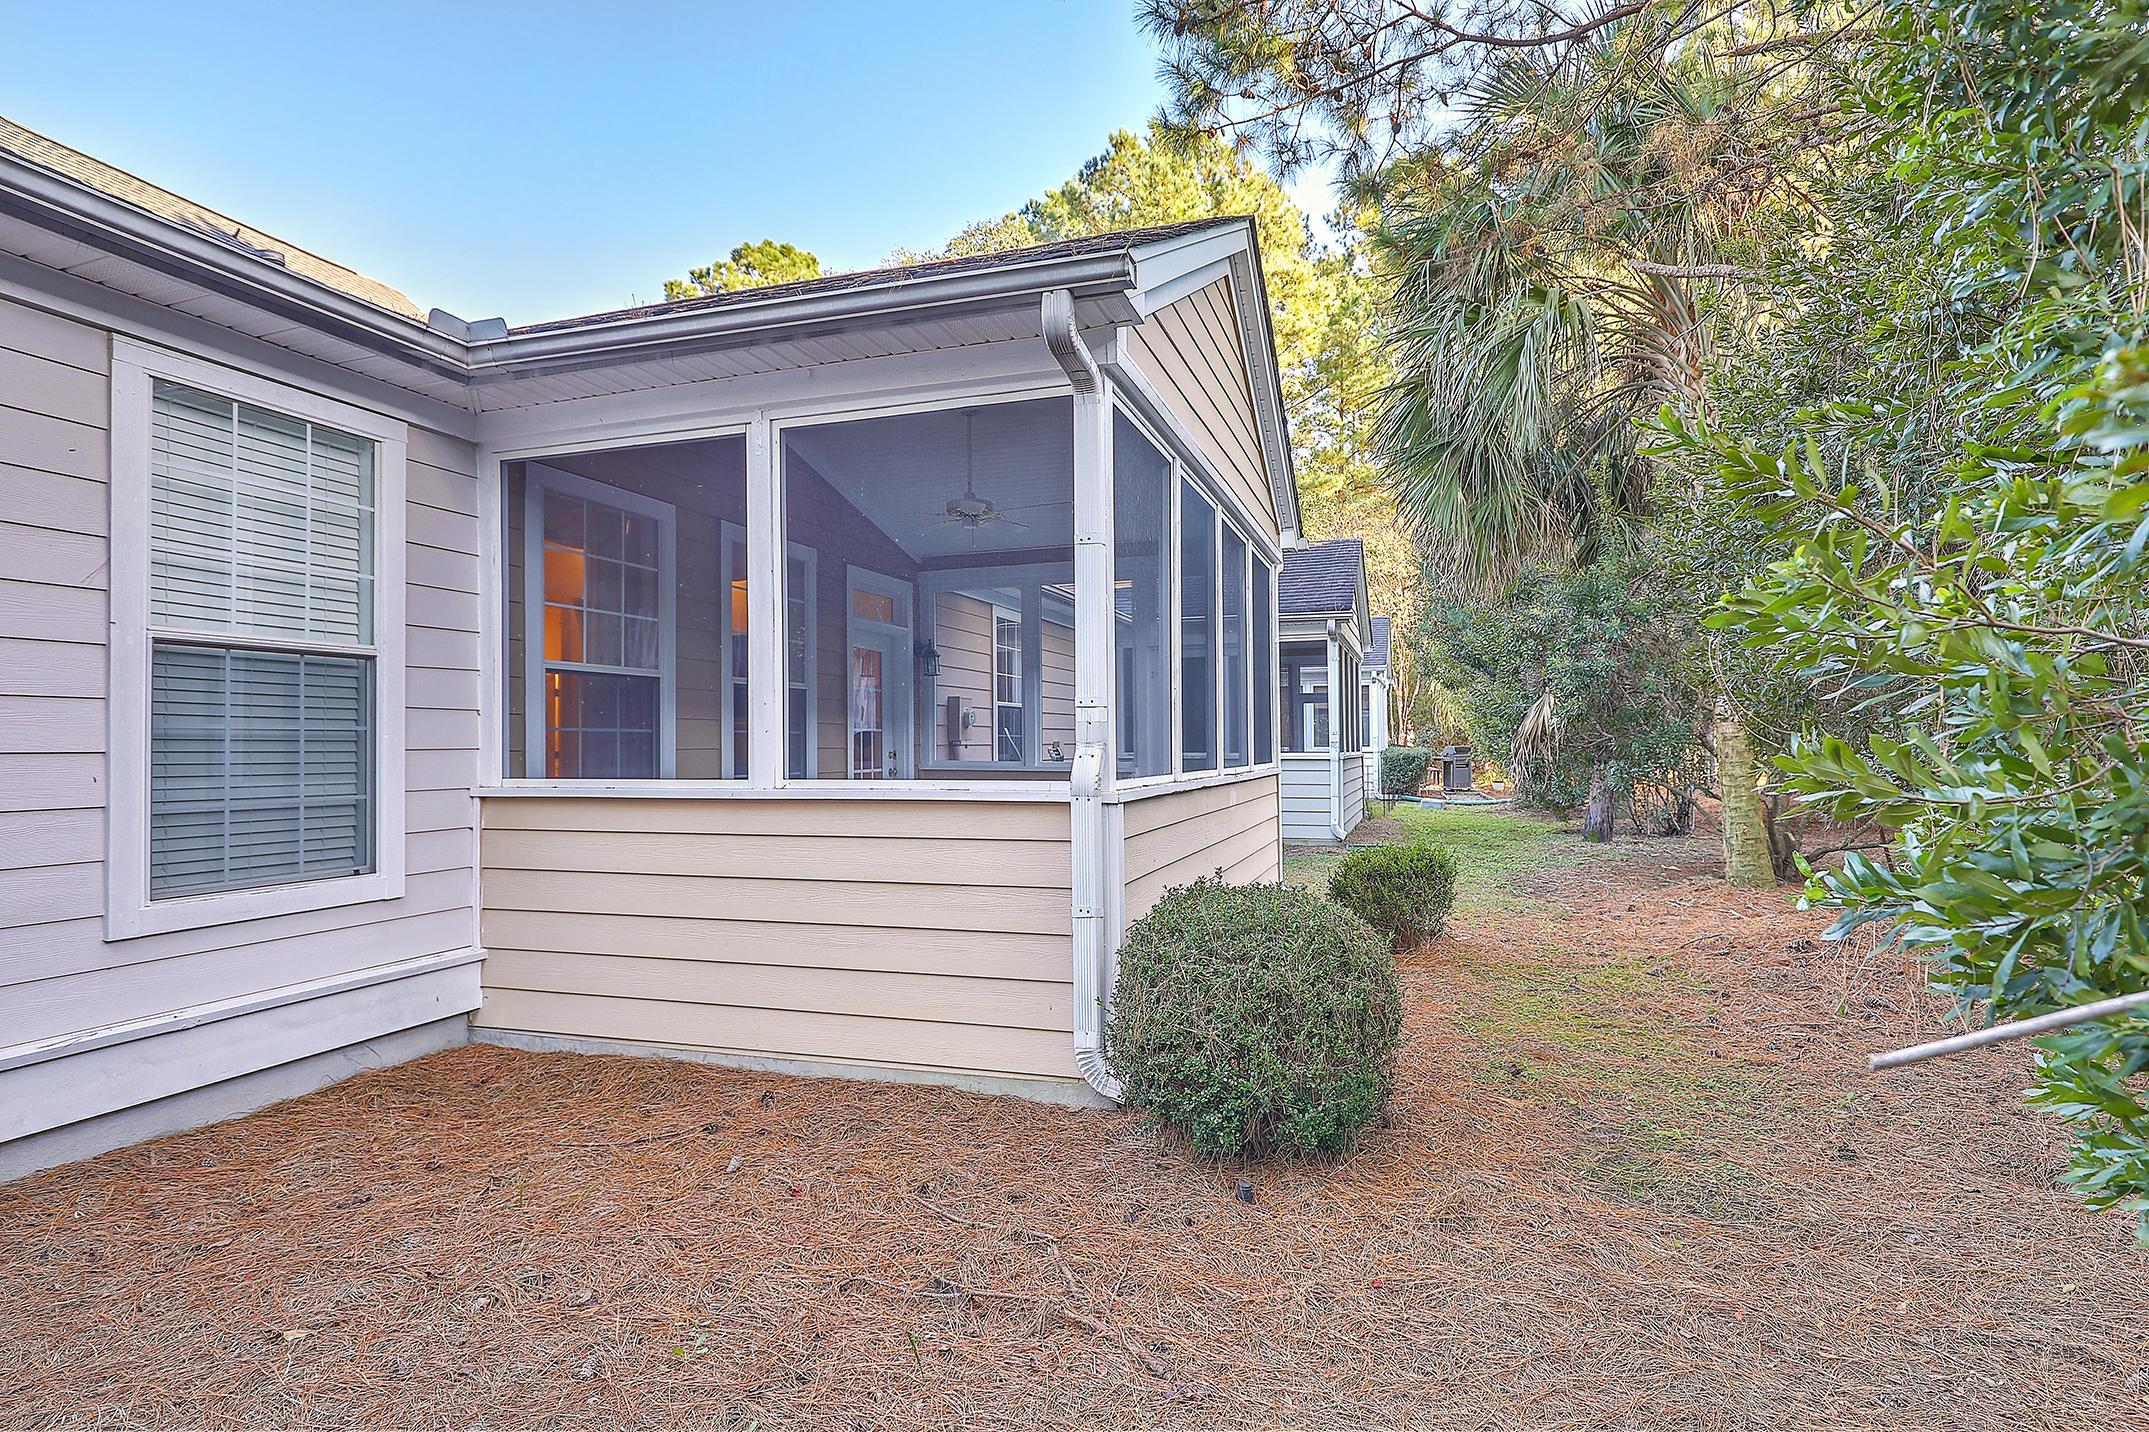 Dunes West Homes For Sale - 163 Fair Sailing, Mount Pleasant, SC - 24